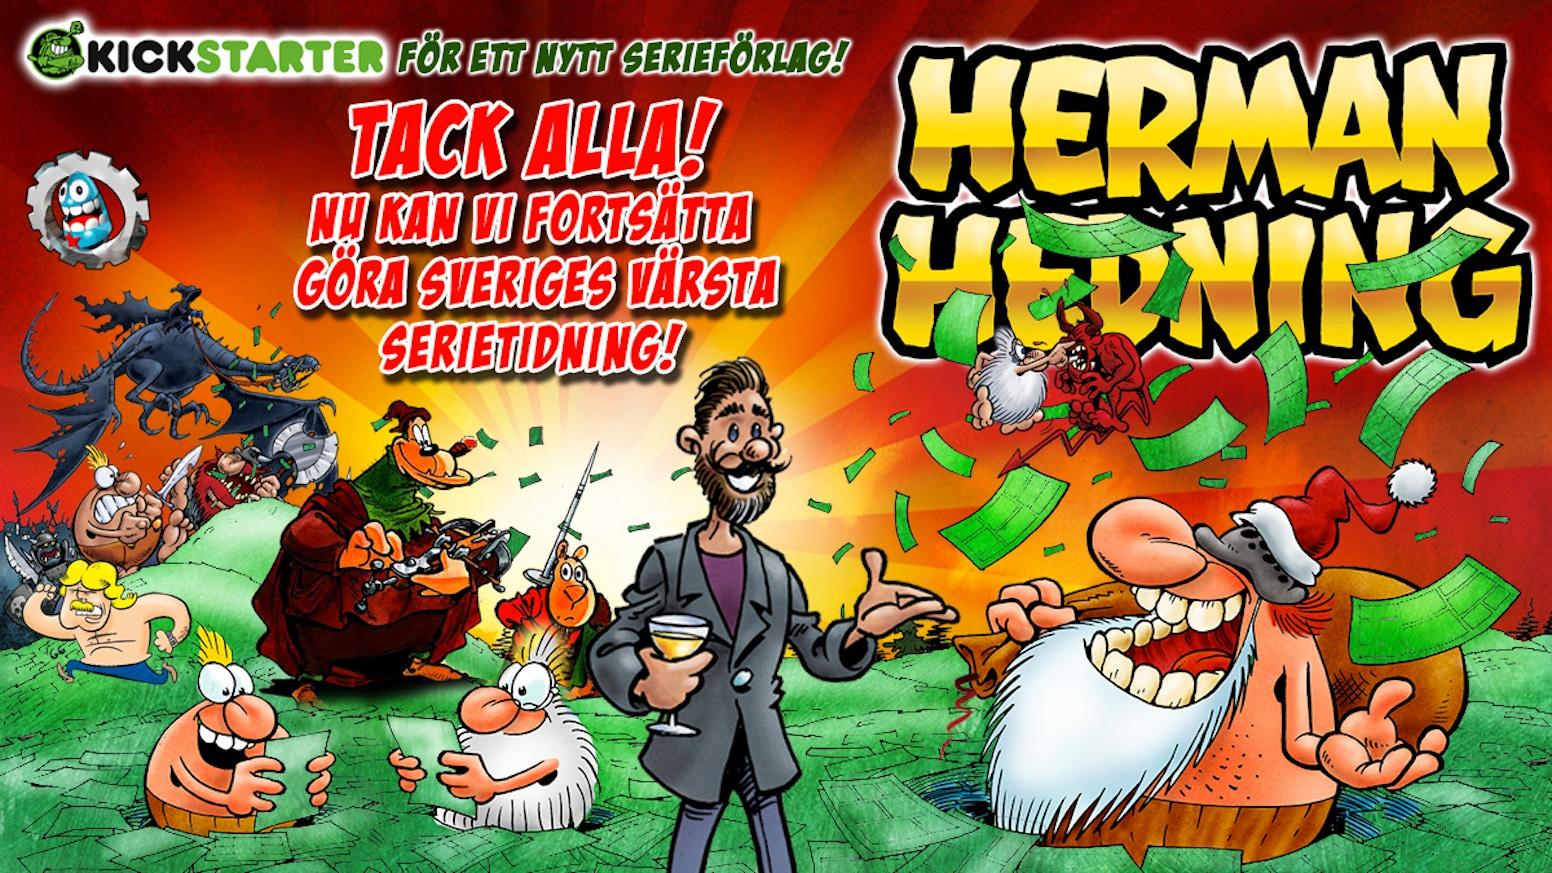 Herman Hedning-tidningen lades ned Egmont 2018. Det var det bästa som kunde hända! Det tvingade oss att försöka starta ett nytt SERIEFÖRLAG! Och DET GJORDE VI!